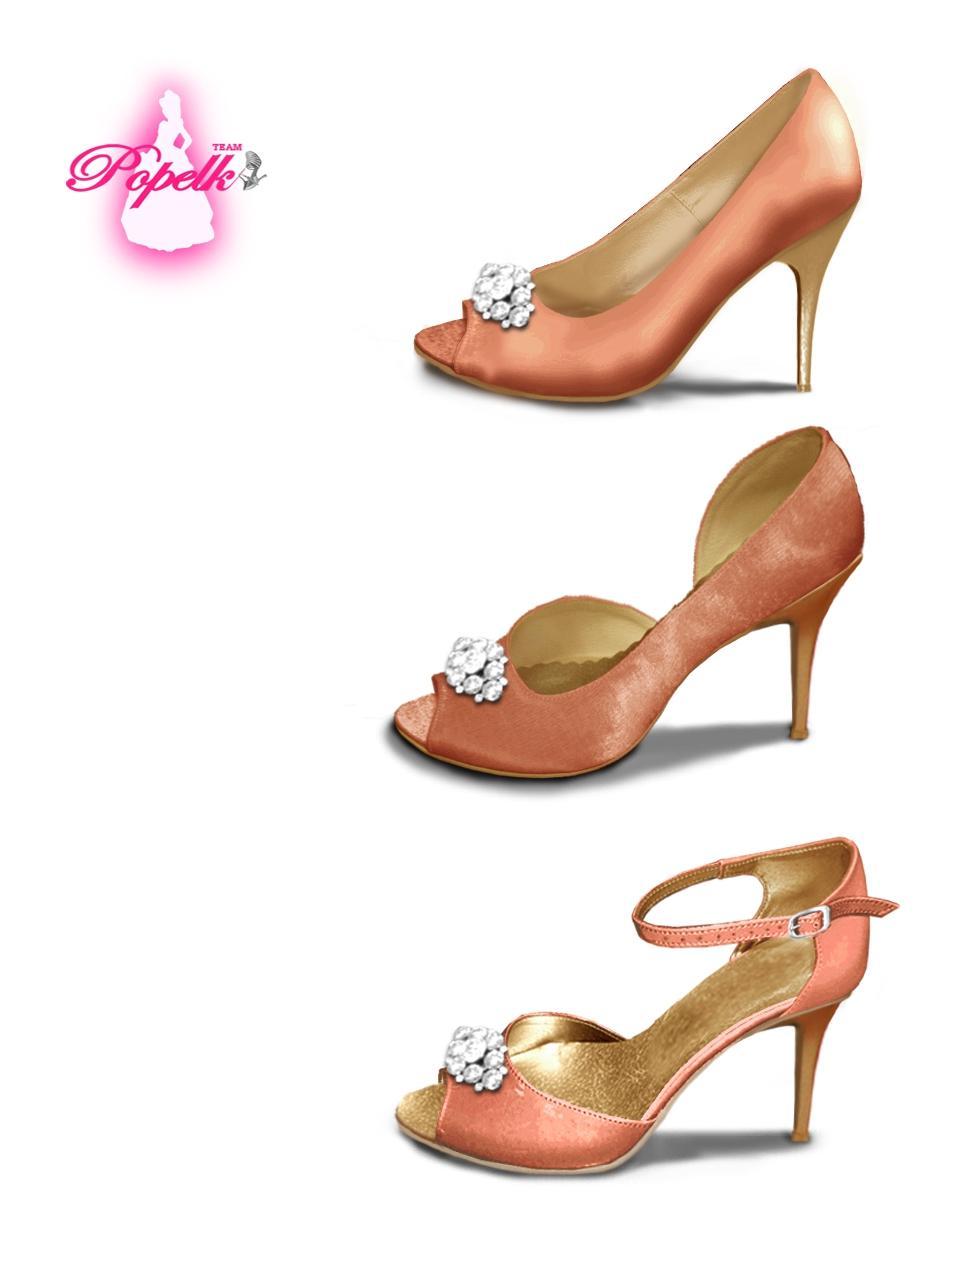 Svadobné topánky navrhni a uprav si ich podľa seba - inšpirácie zlatá - Obrázok č. 52